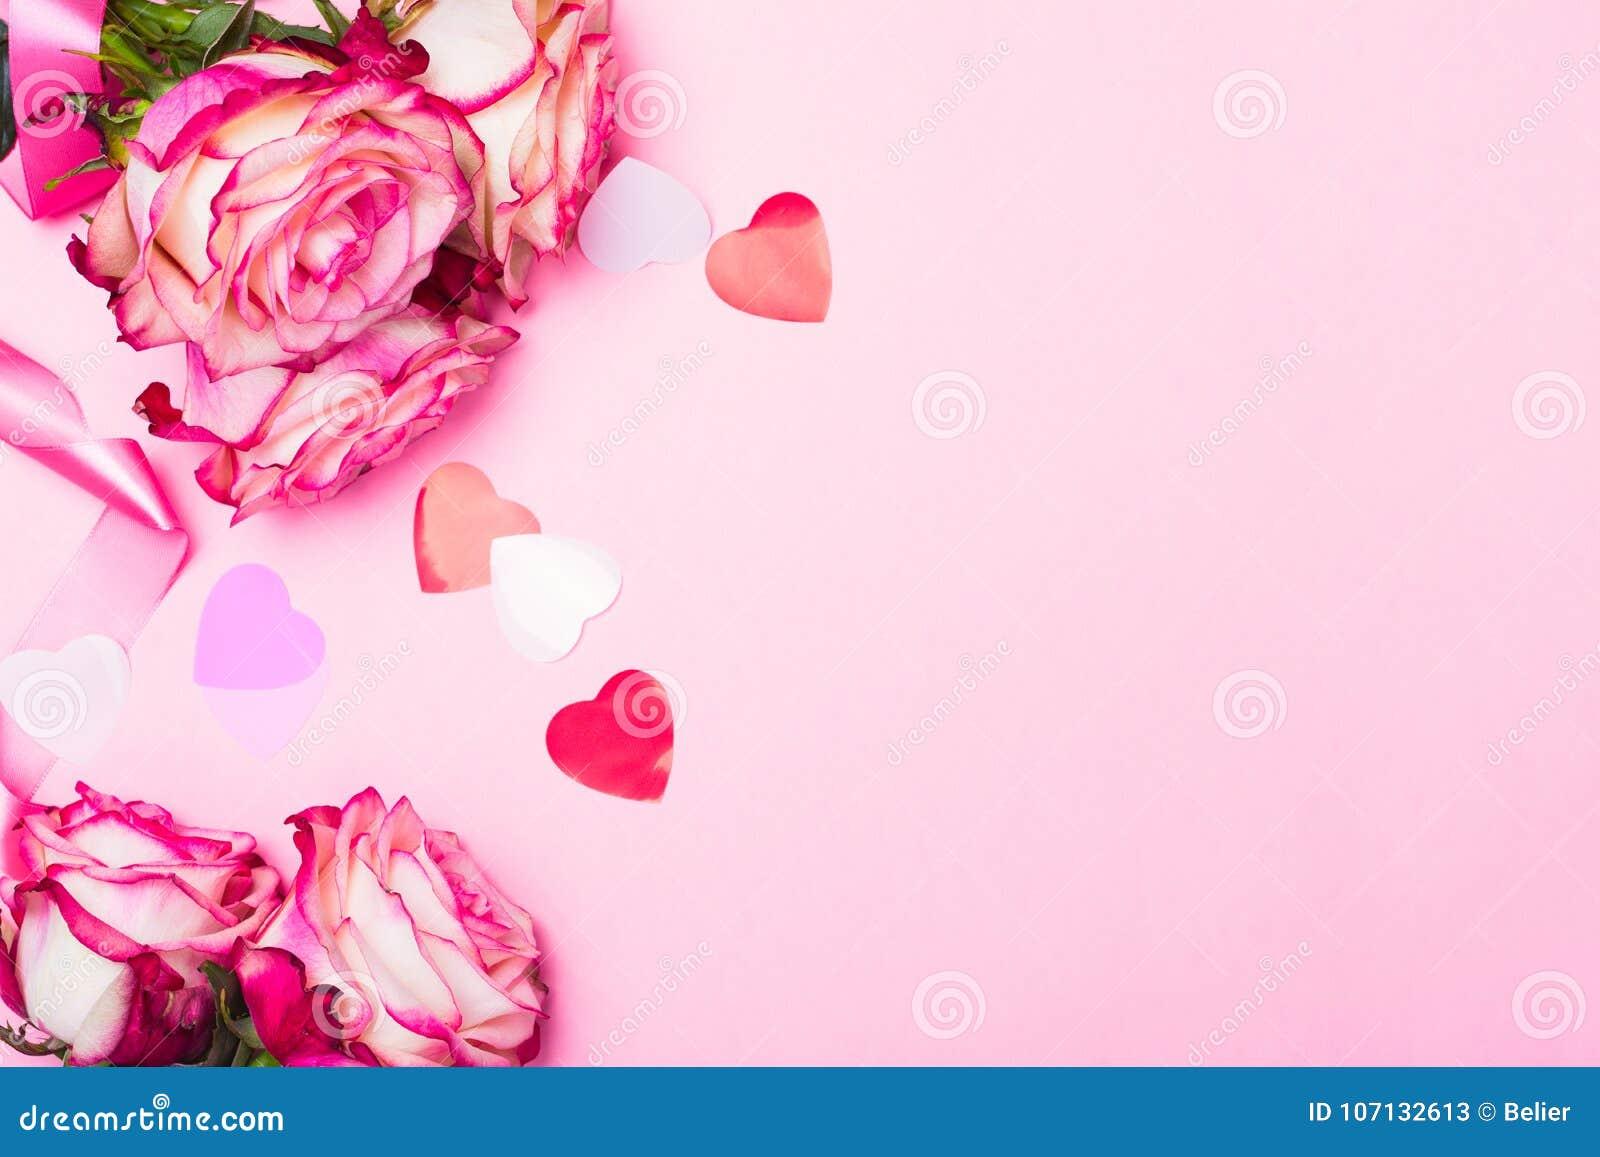 Όμορφος ρόδινος αυξήθηκε, διακοσμητικές καρδιές κομφετί και ρόδινη κορδέλλα στο ρόδινο υπόβαθρο ημέρας βαλεντίνων